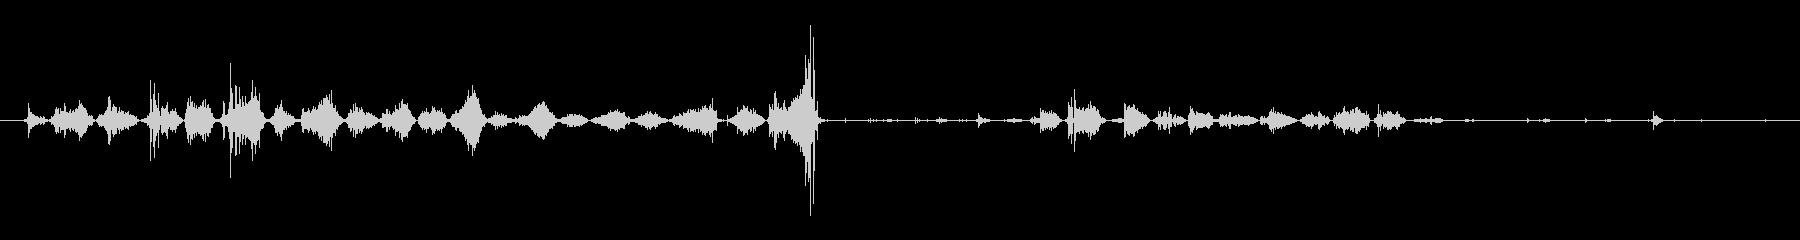 犬 パグパンツスマック01の未再生の波形